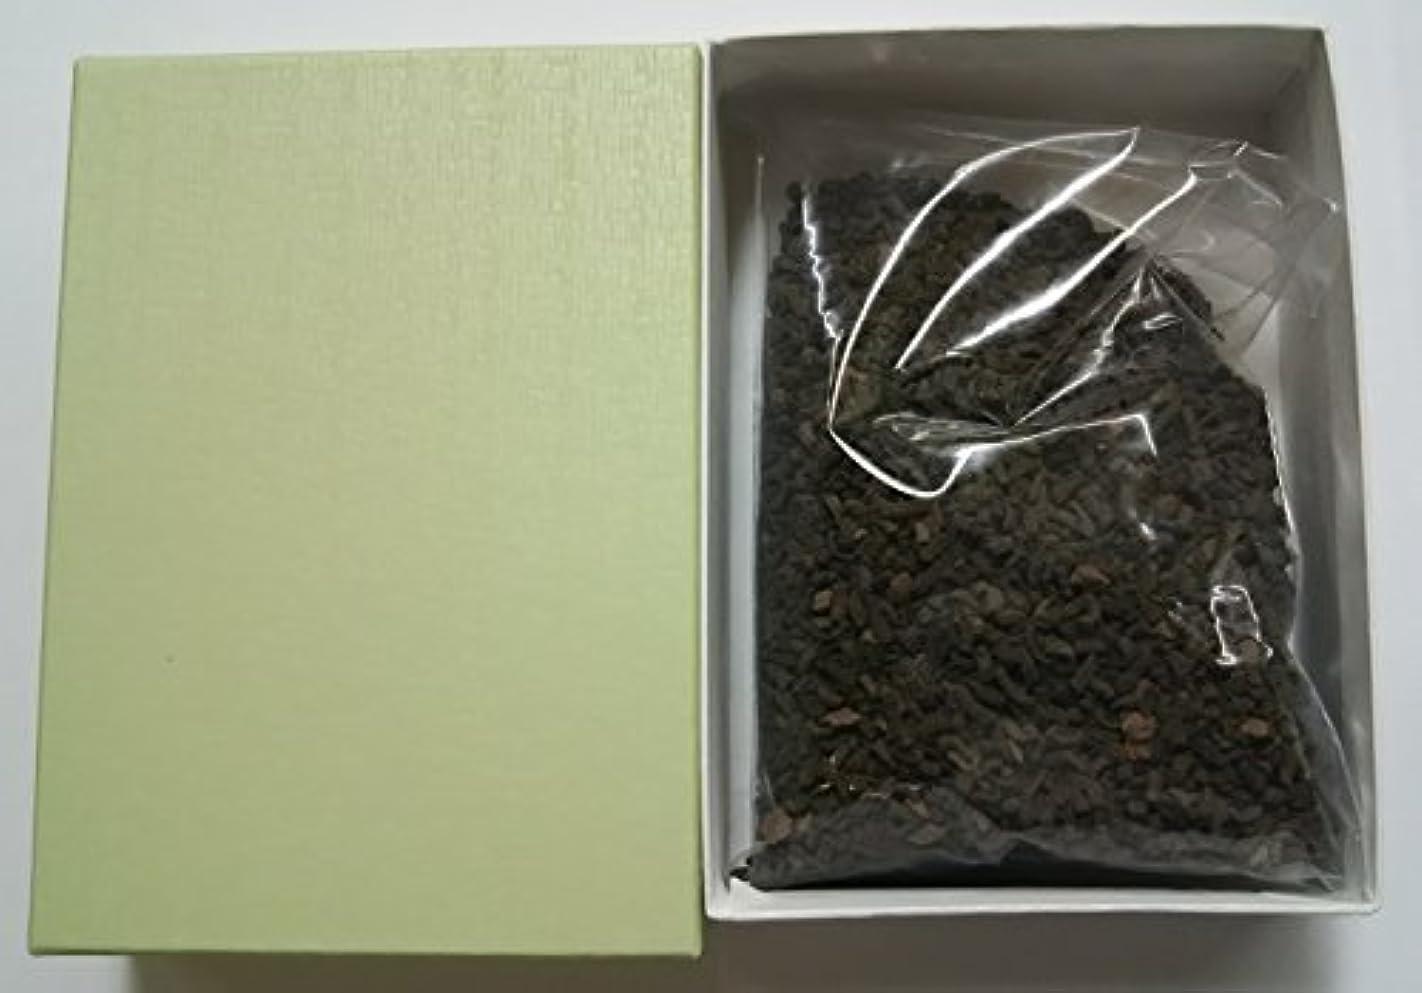 インシュレータグレー売る煙の少ない黒沈香木 G89 高級お香 お焼香用 けむりの少ないお香 お焼香 agarwood